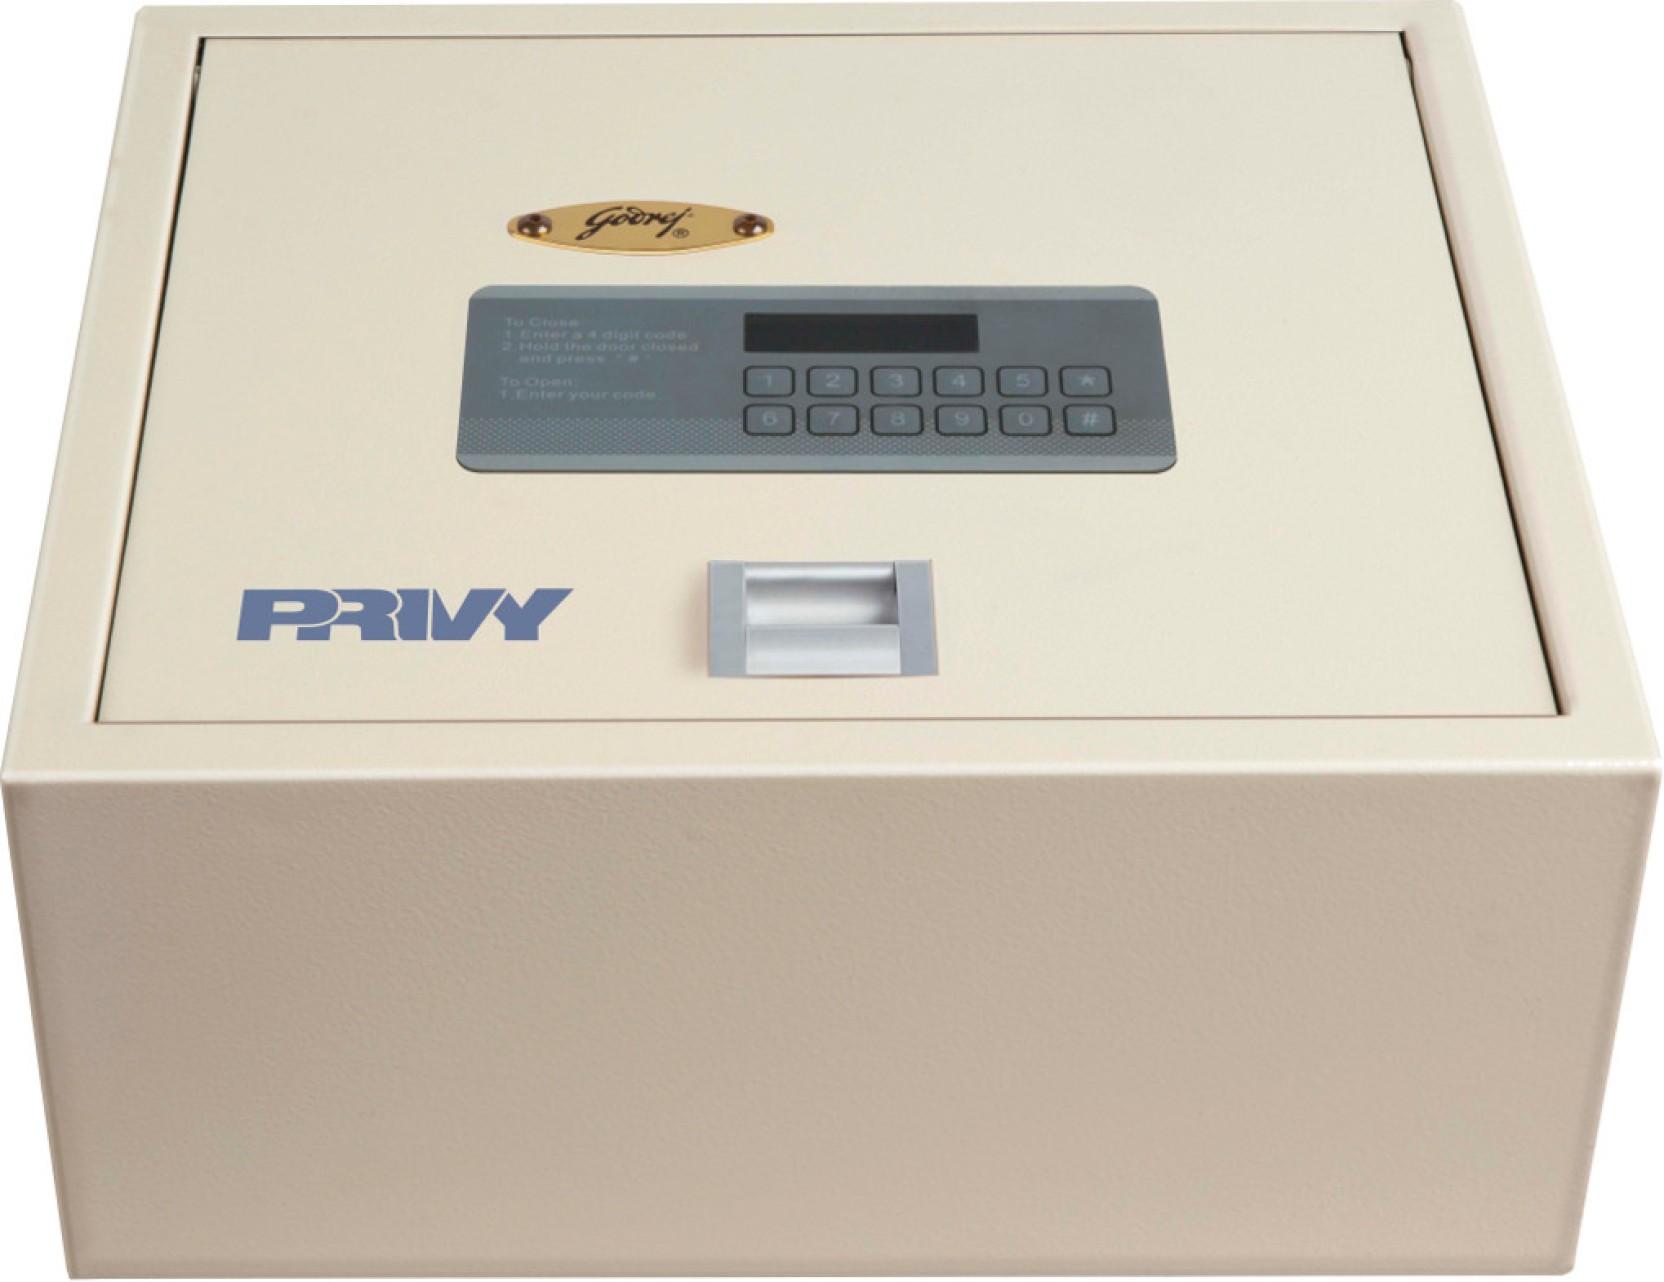 Godrej Privy Safe Locker Price In India Buy Godrej Privy